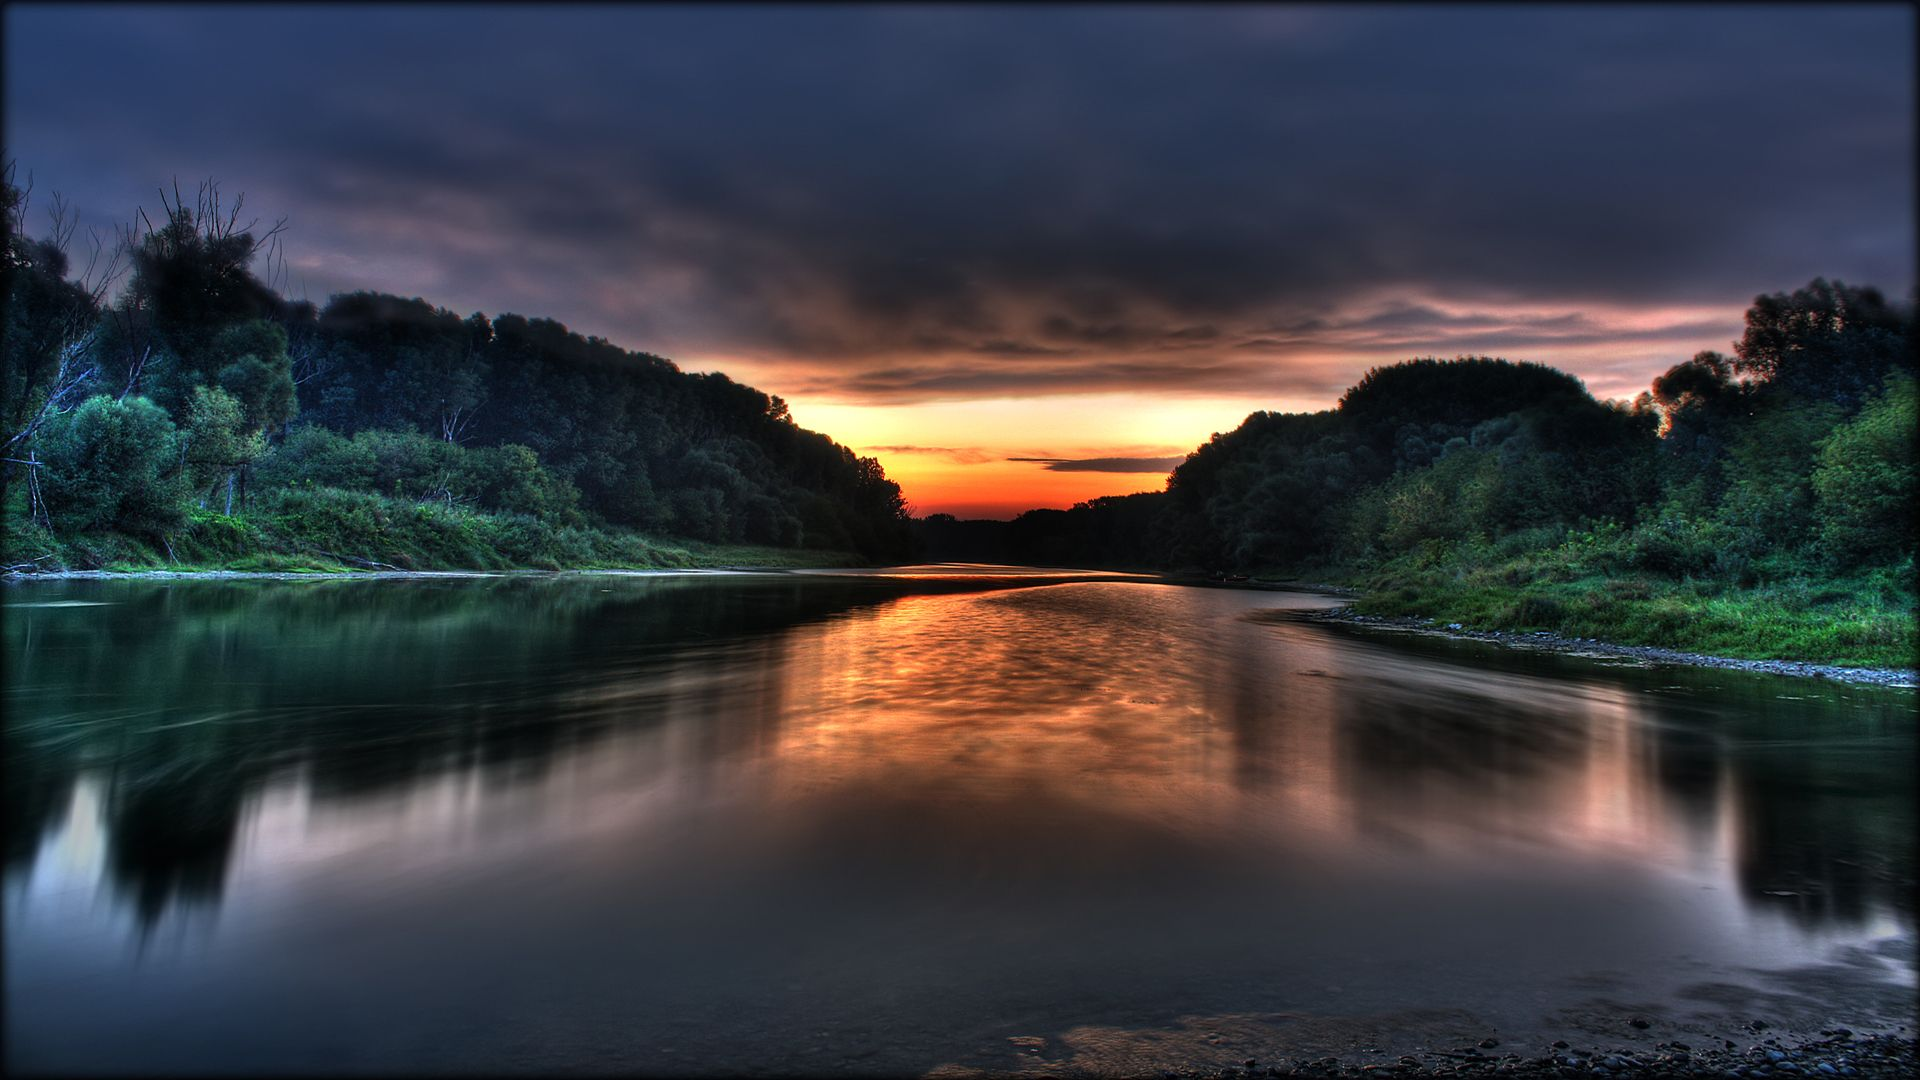 Nature Sunset Wallpaper Hd 1080p Wide Screen Wallpaper 1080p2K4K 1920x1080